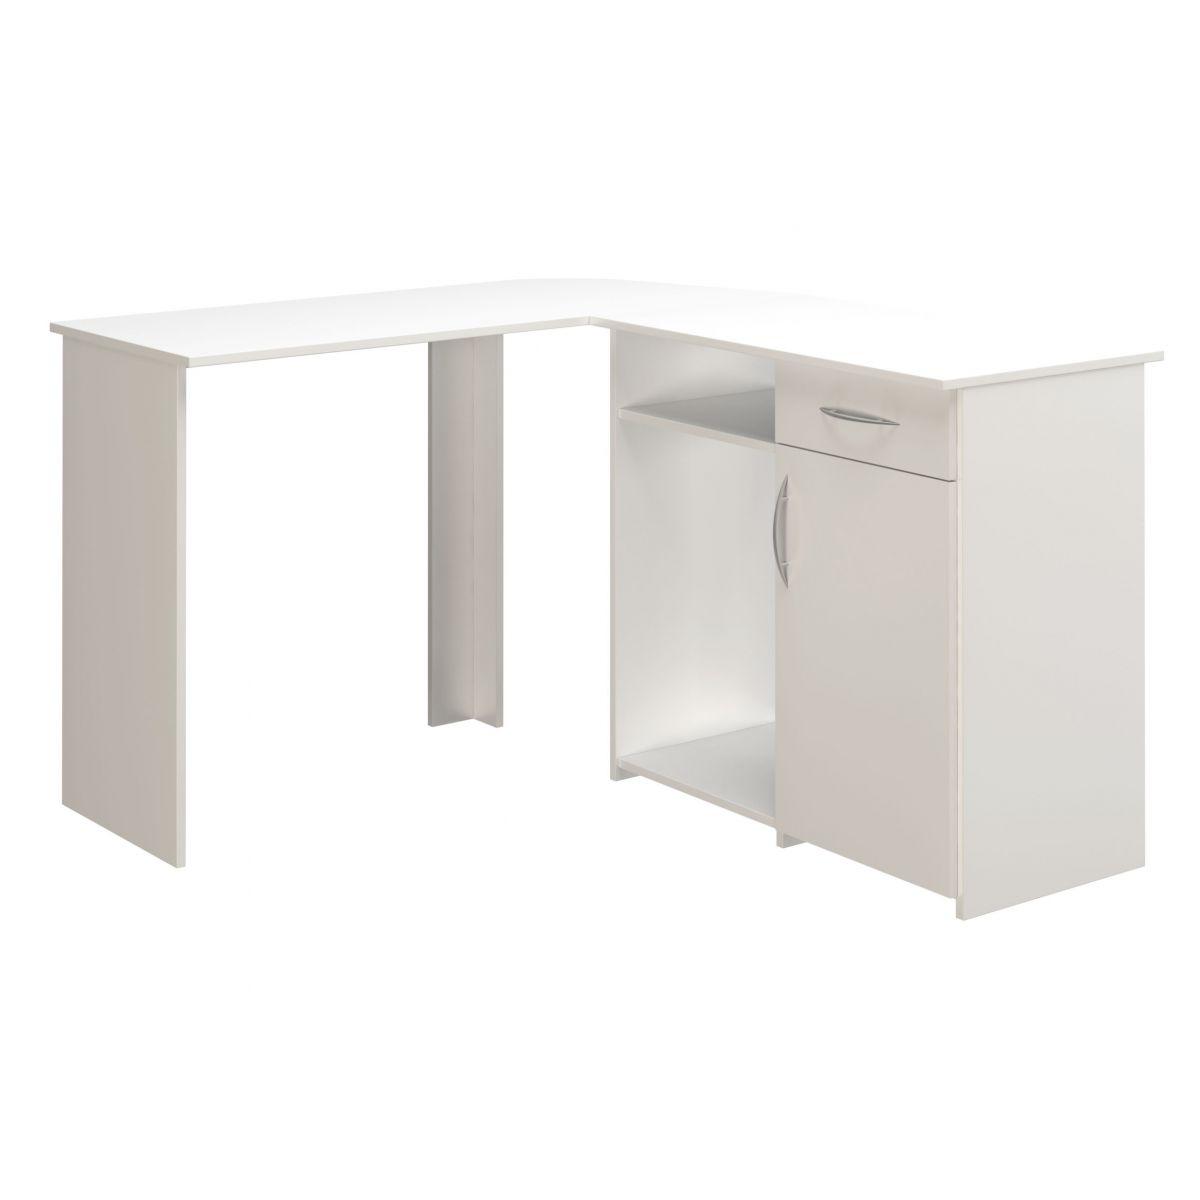 Kit de Mesa para Computador UNION - Multivisão Branco